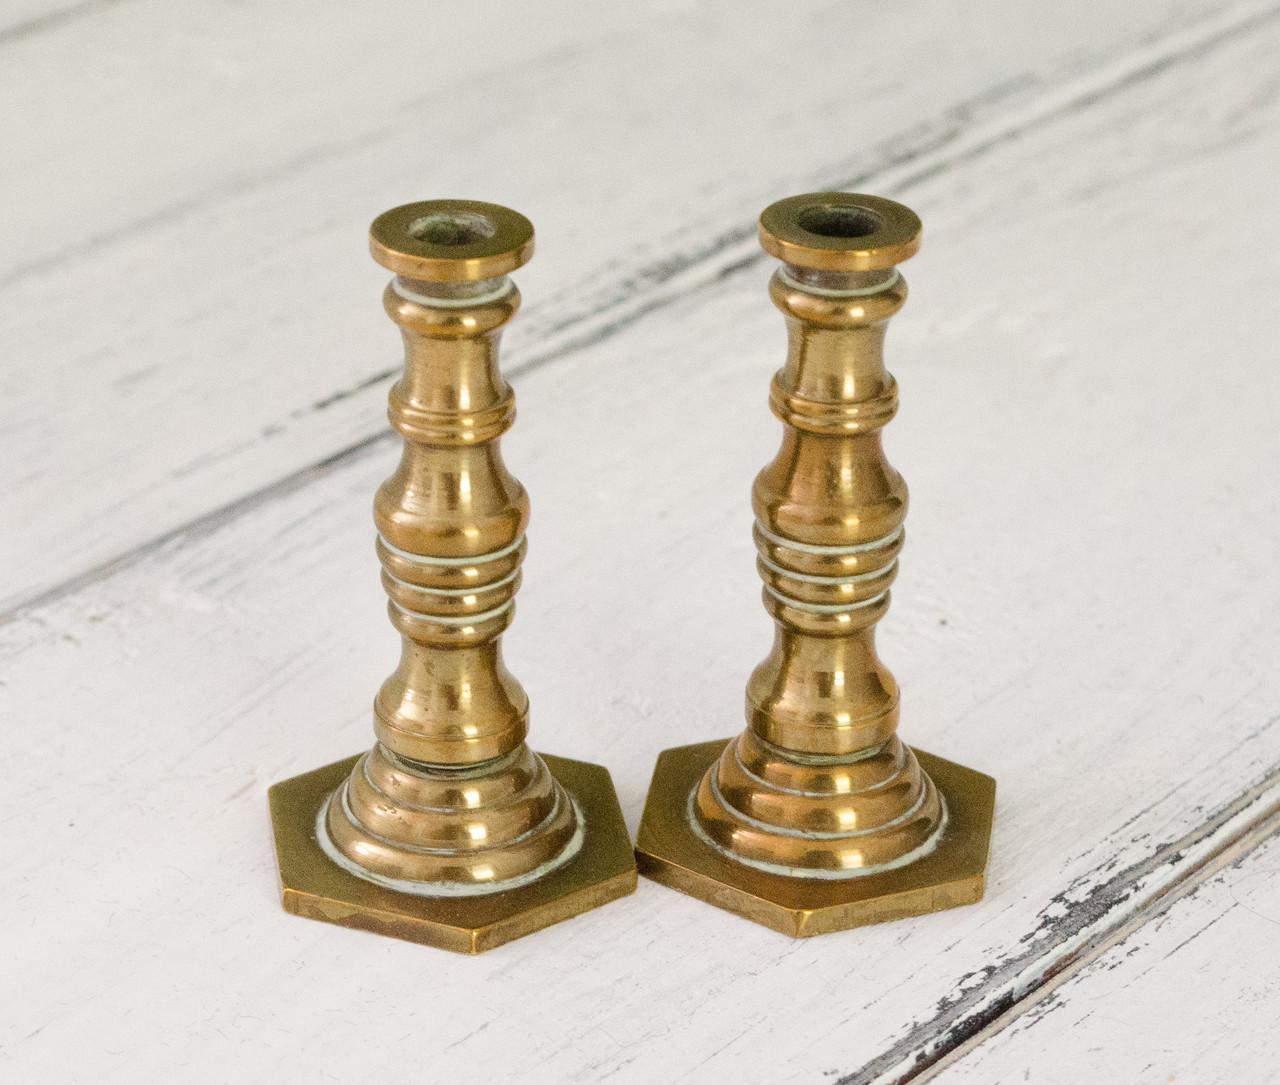 Коллекционная миниатюра, два миниатюрных подсвечникиа, латунь, Германия